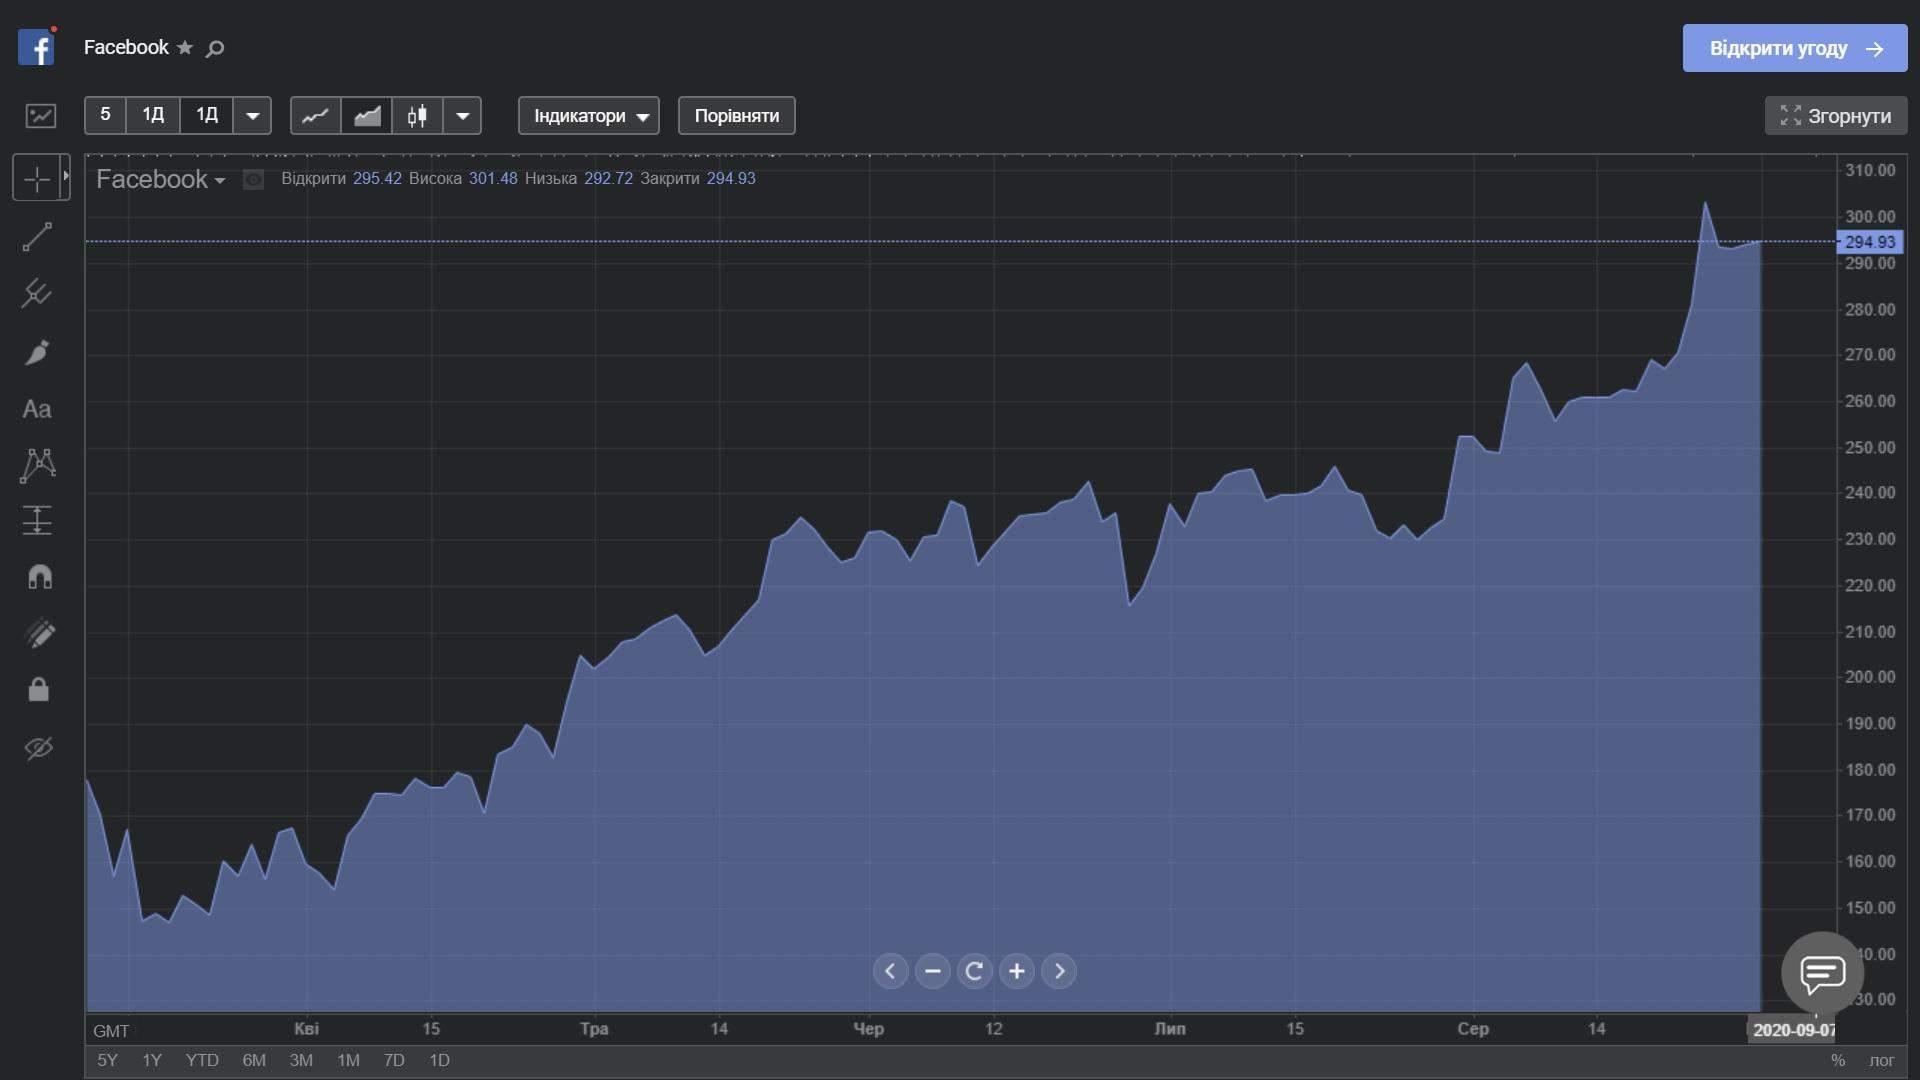 Акції Facebook з березня 2020